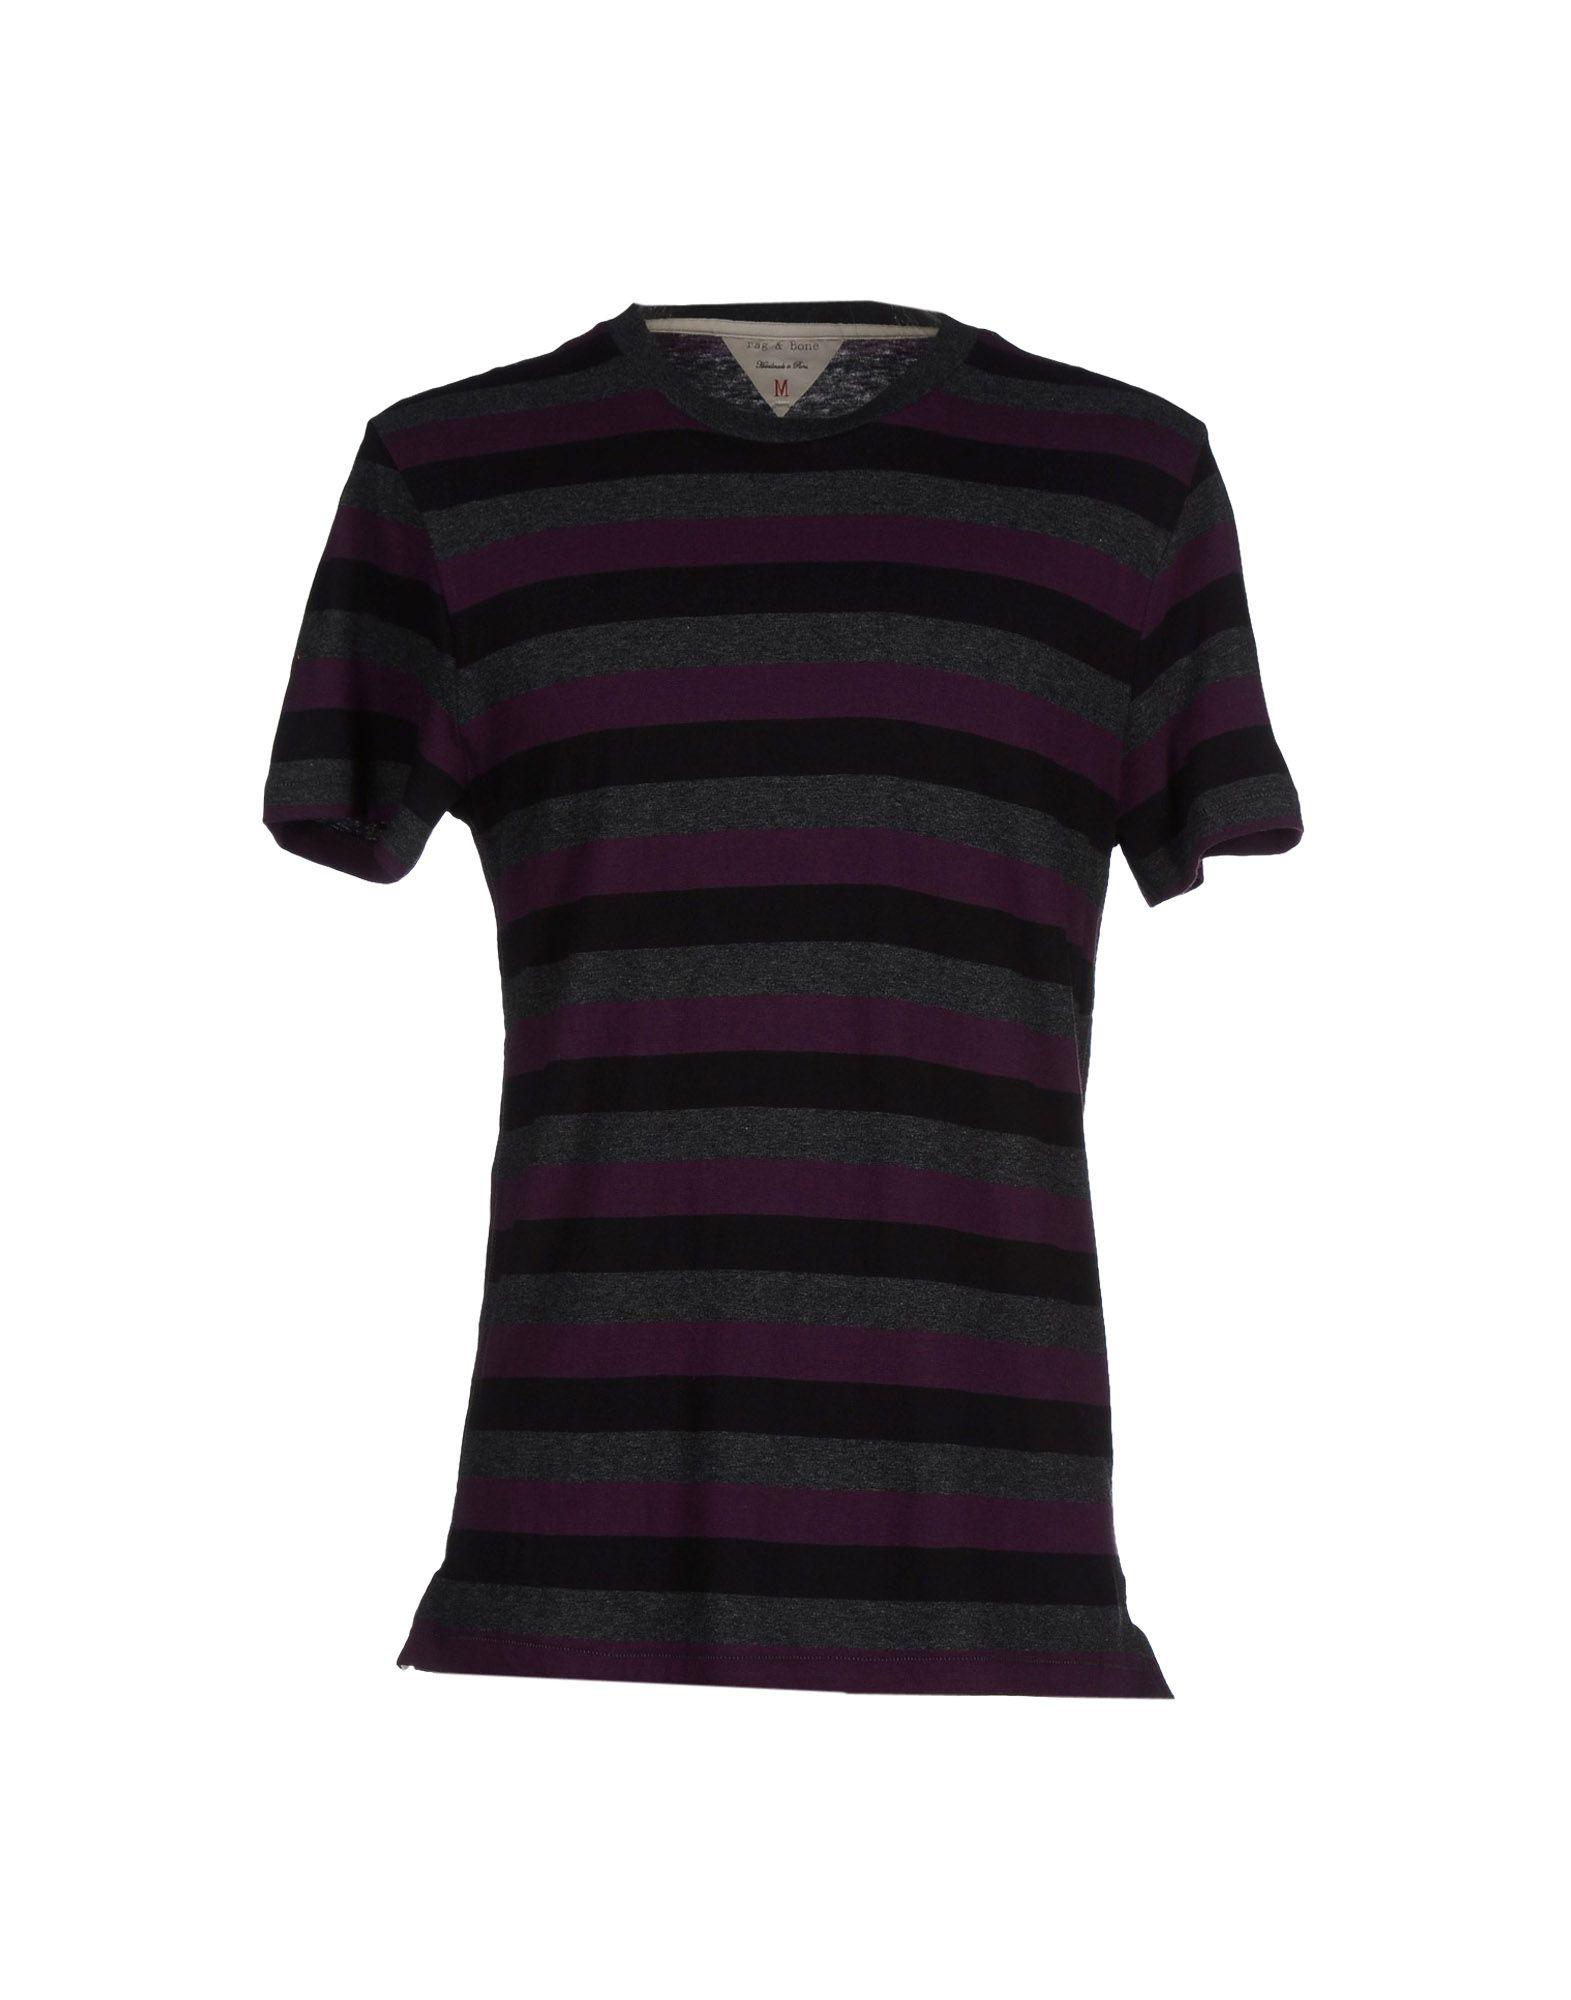 Lyst rag bone t shirt in purple for men for Rag bone shirt